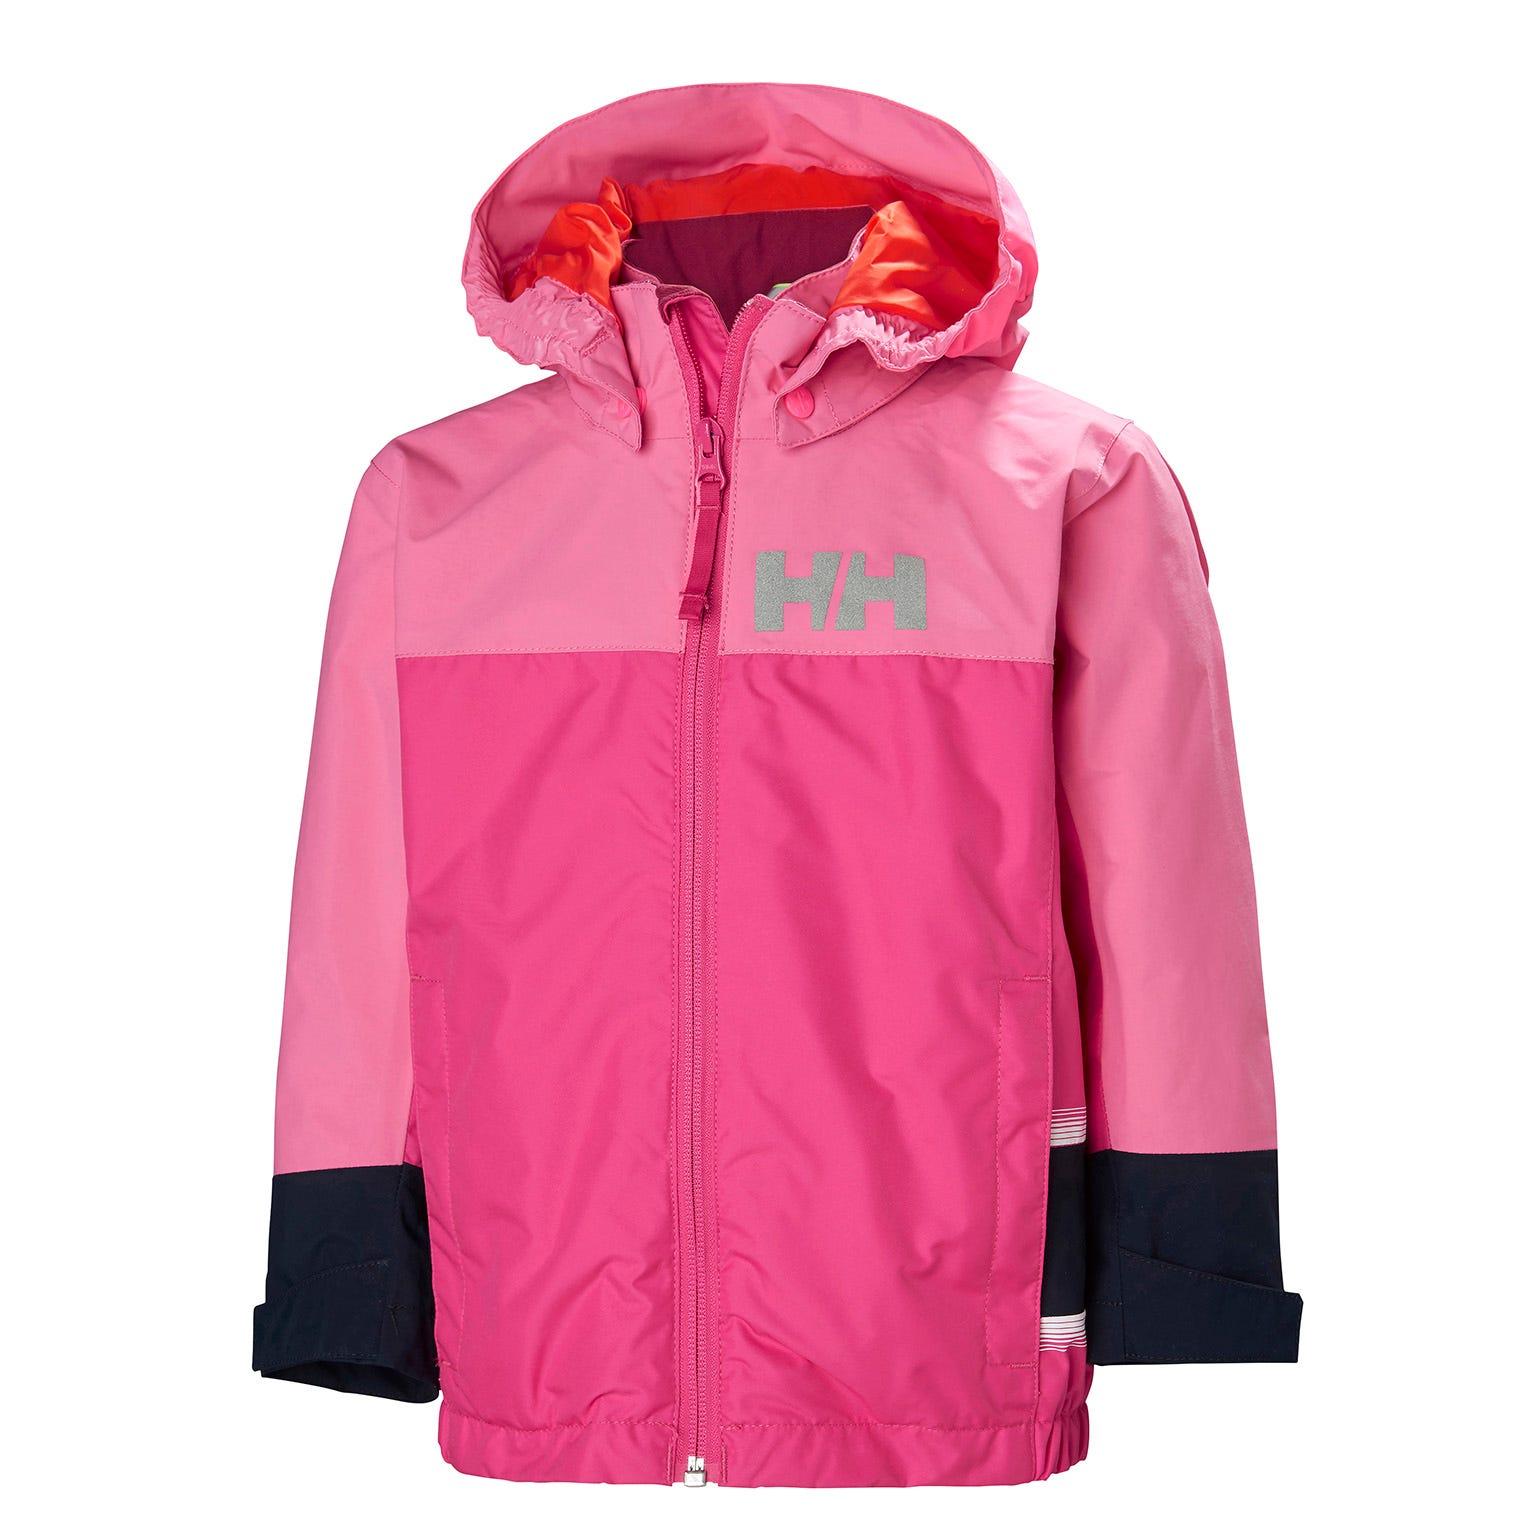 Helly Hansen Kids Norse Jacket Pink 92/2